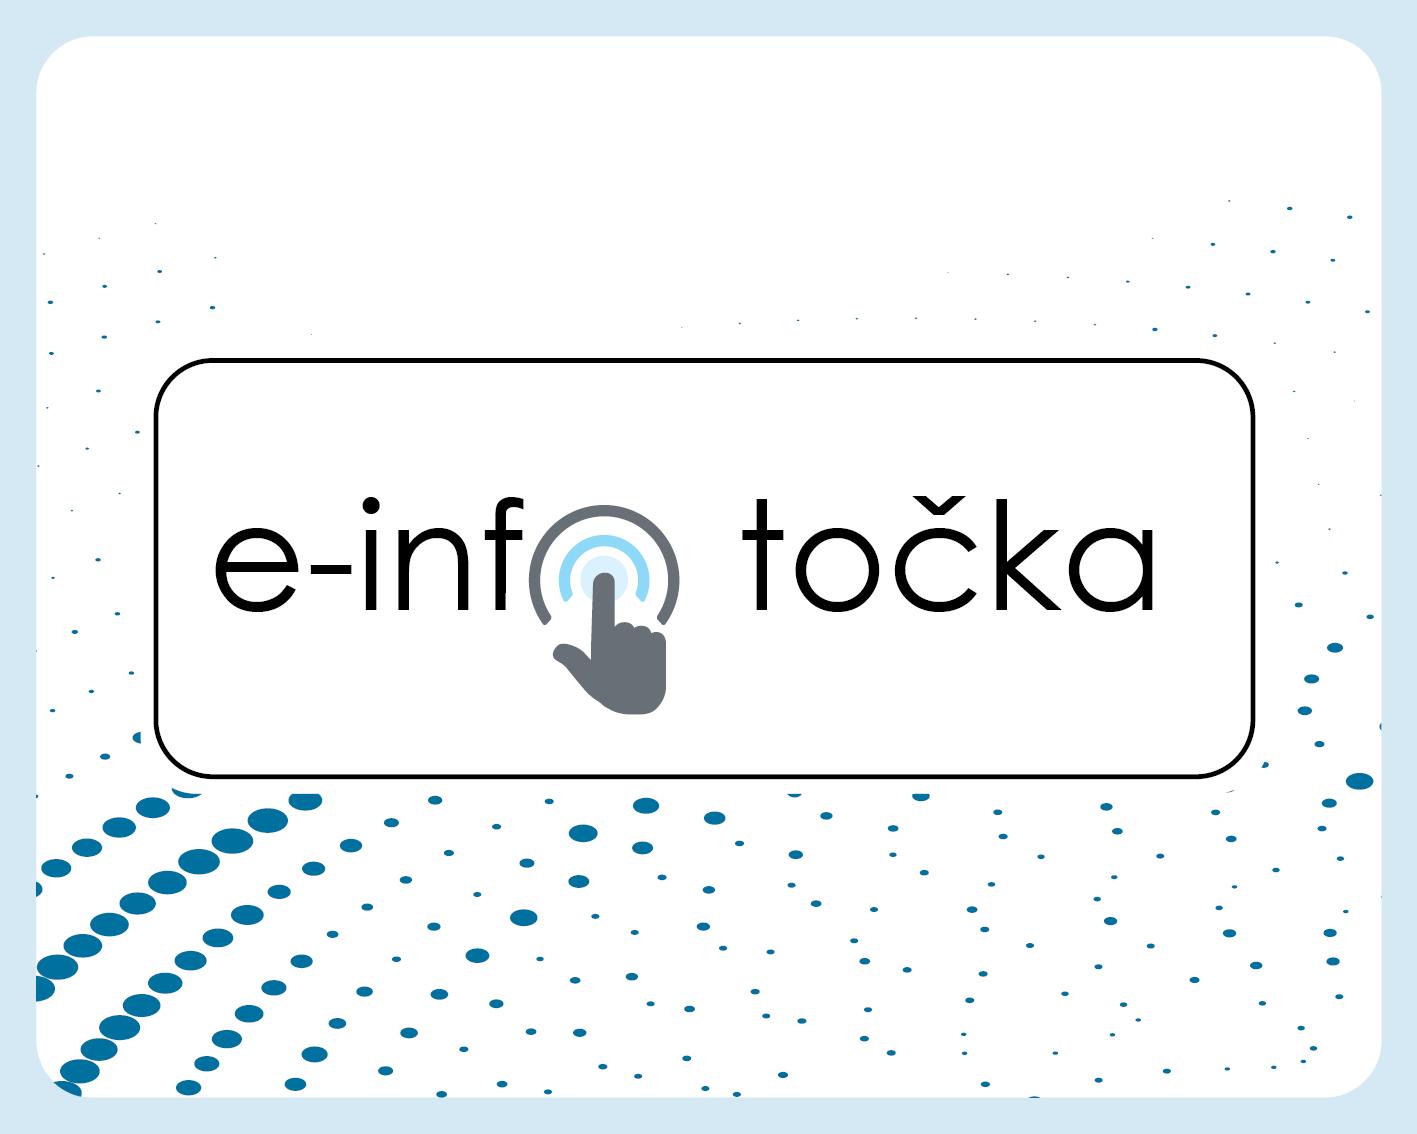 e-info točka